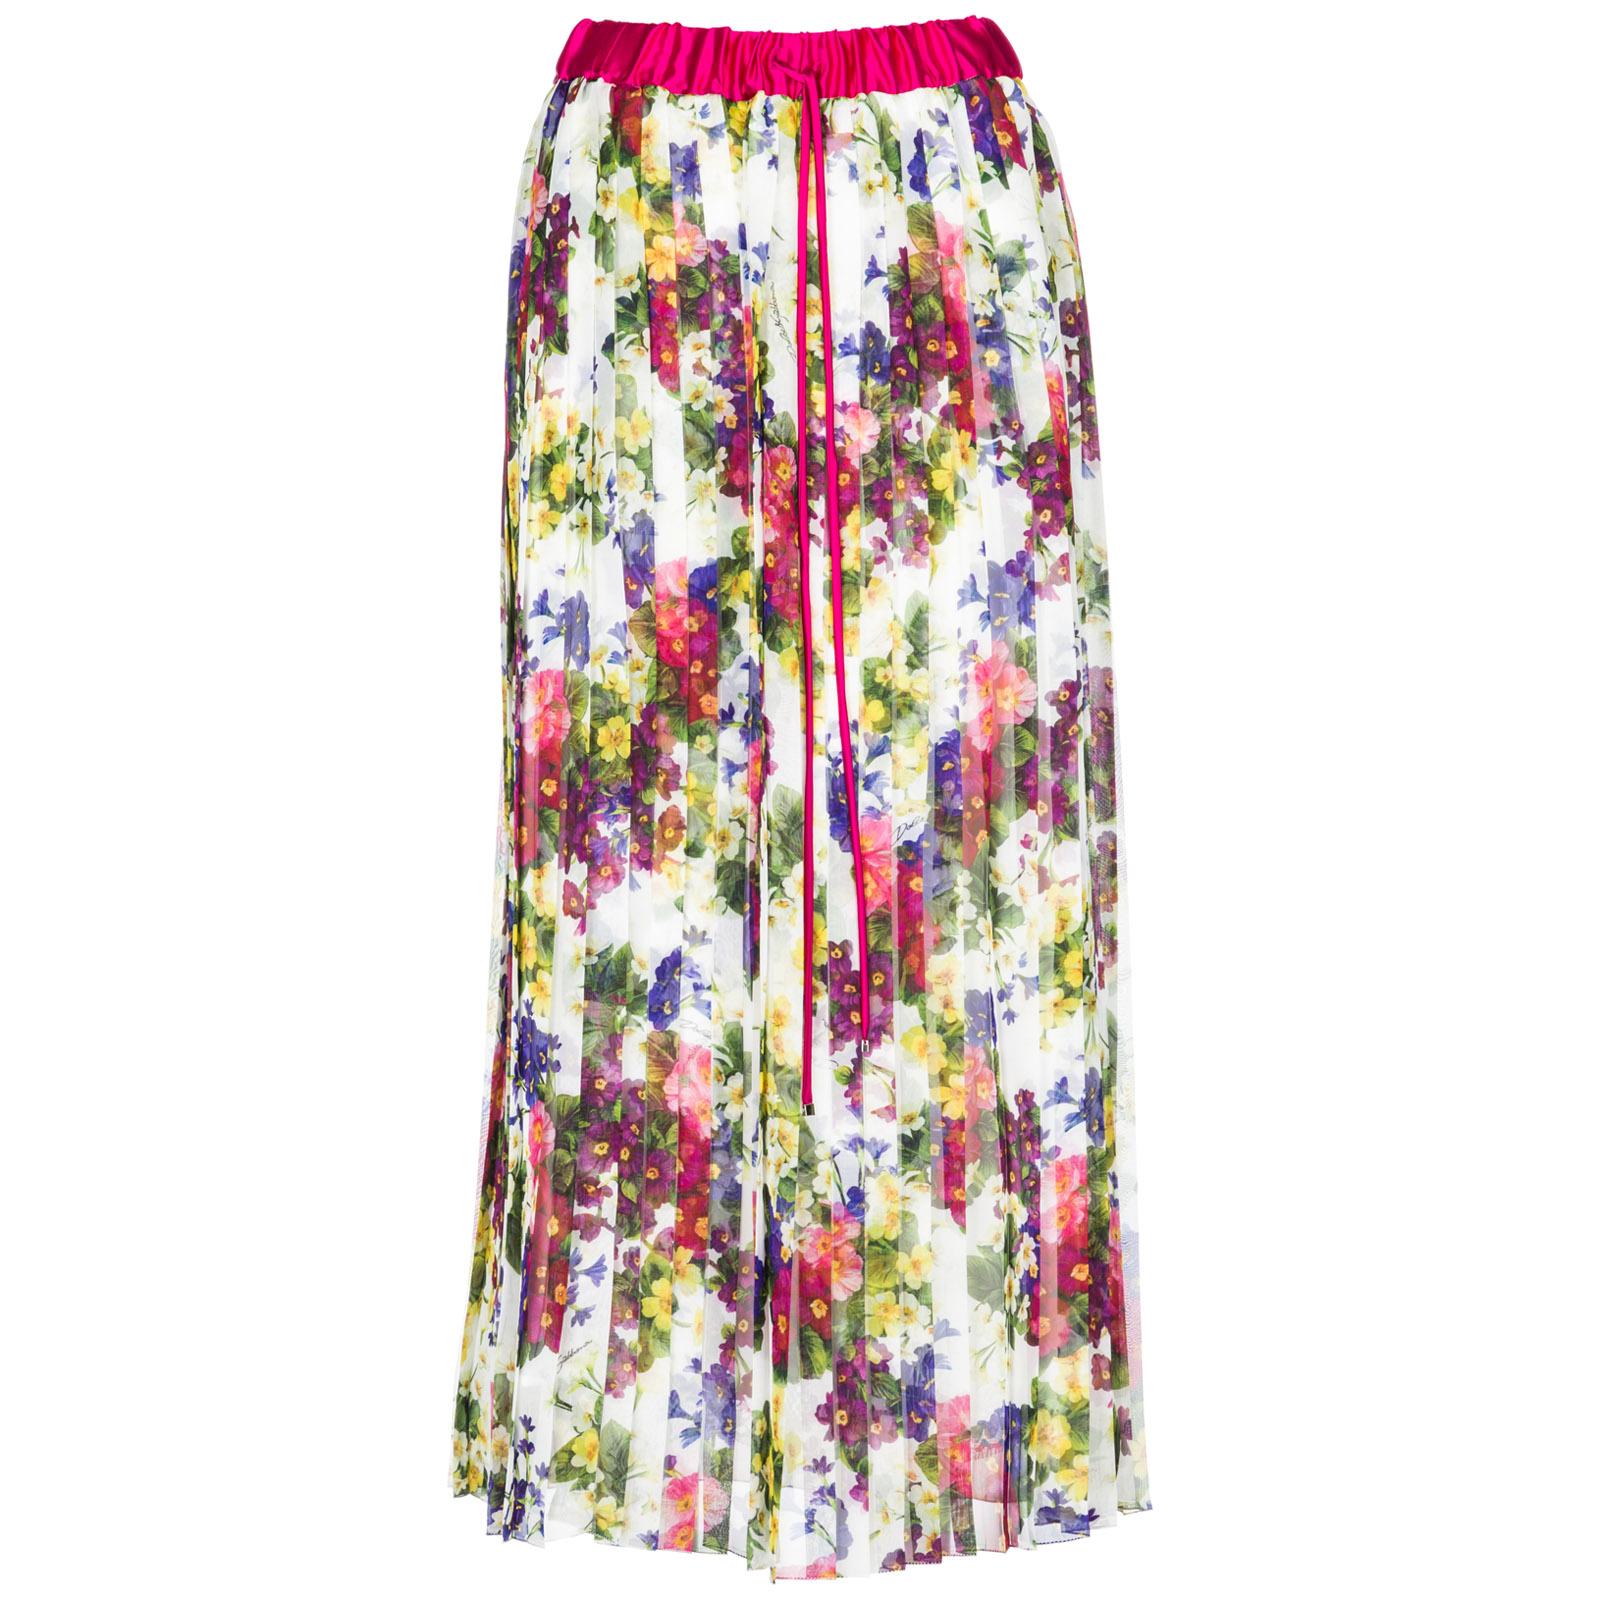 Women's skirt long